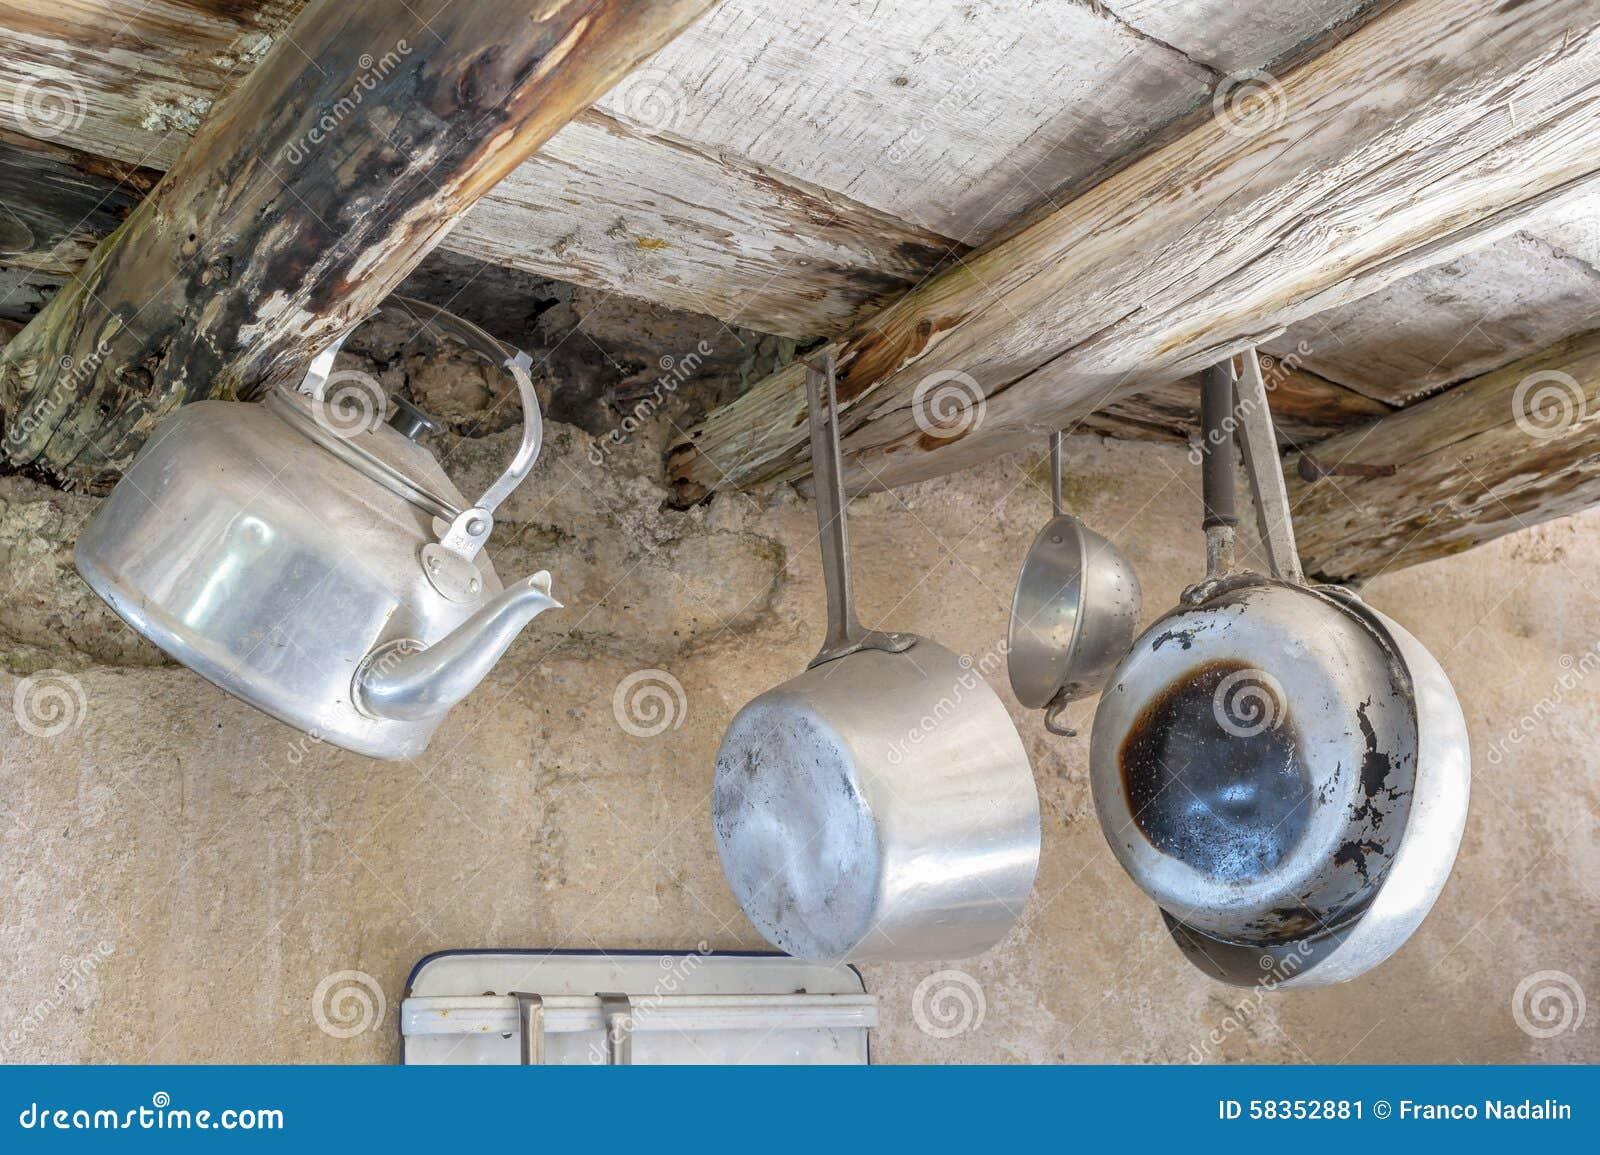 Vieux ustensiles de cuisine en aluminium image stock - Vieux ustensiles de cuisine ...